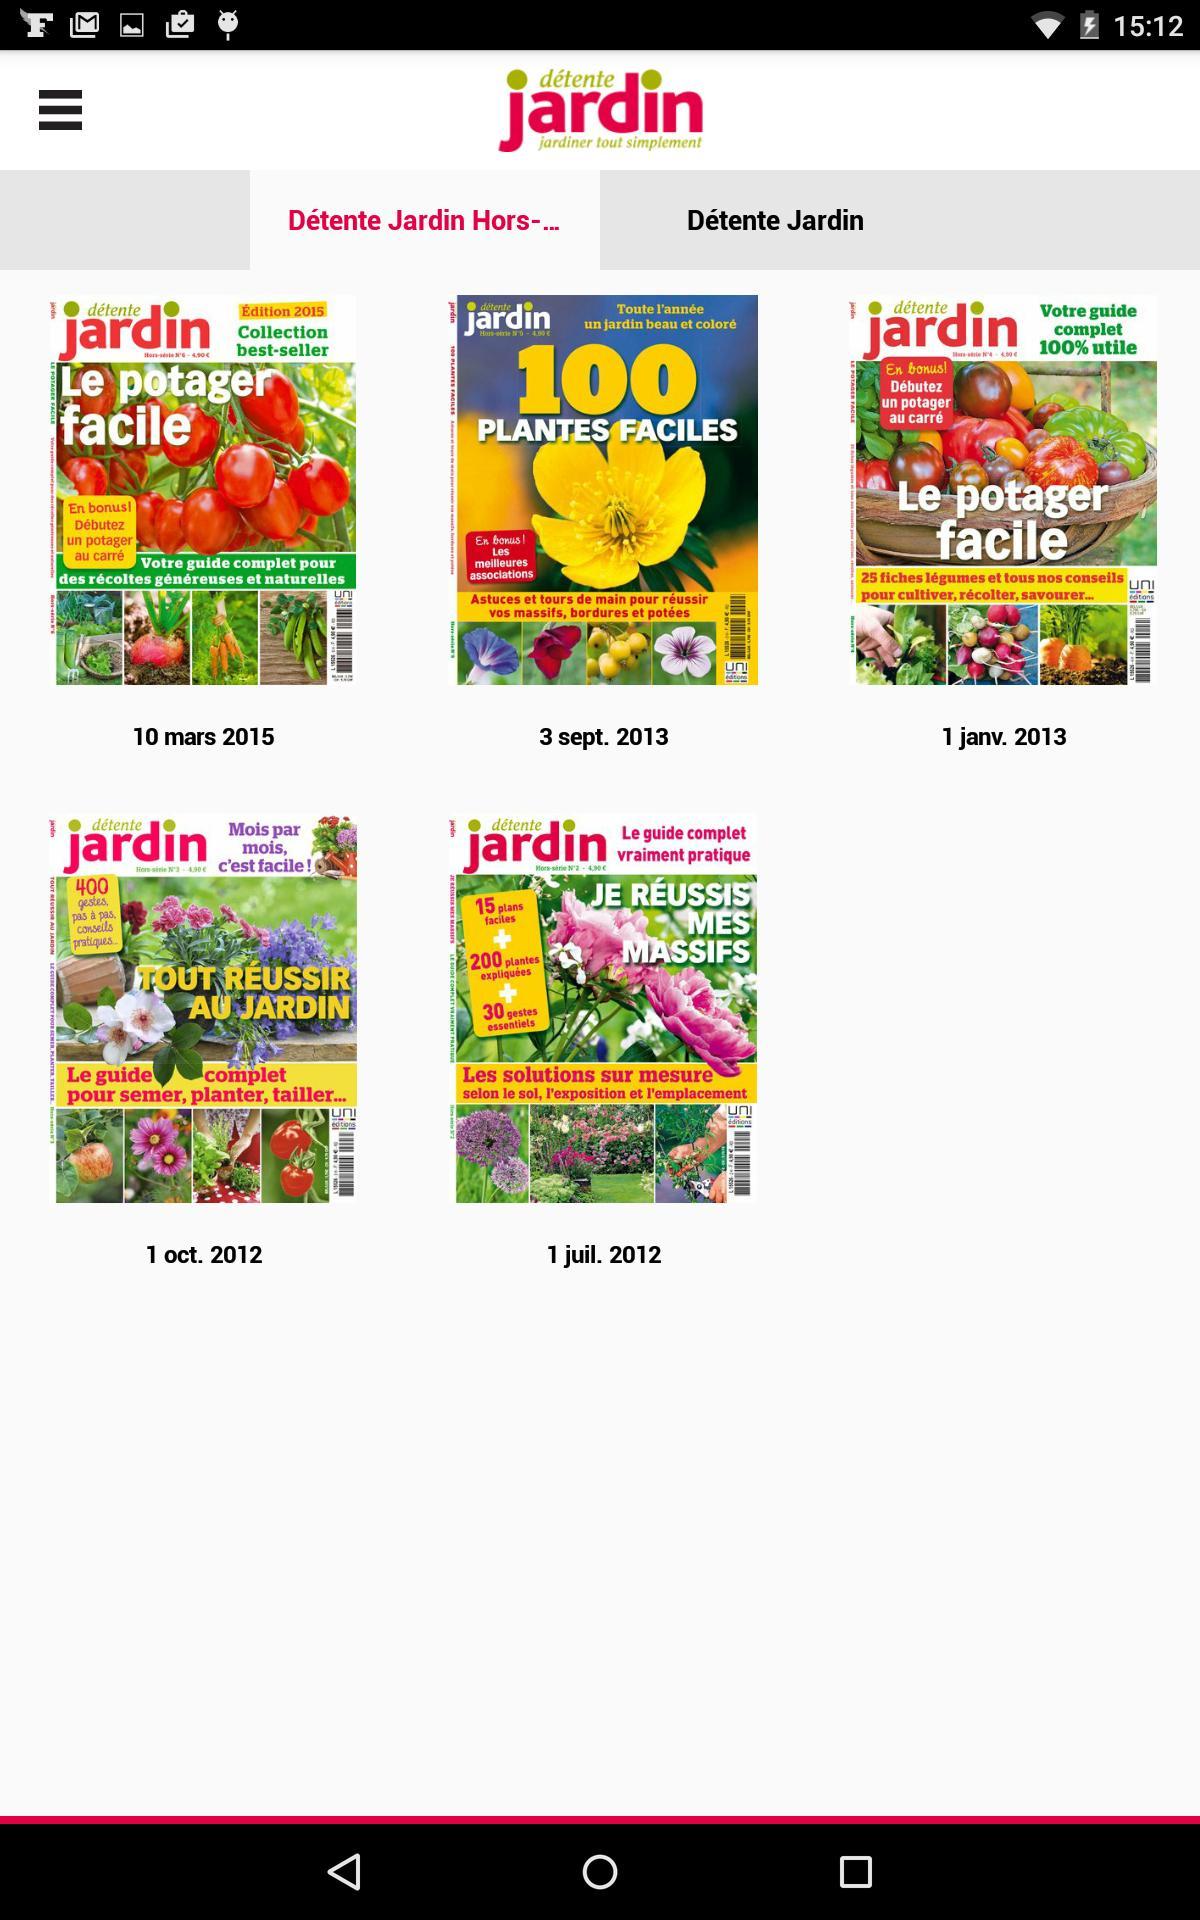 Détente Jardin - Le Magazine For Android - Apk Download concernant Detente Jardin